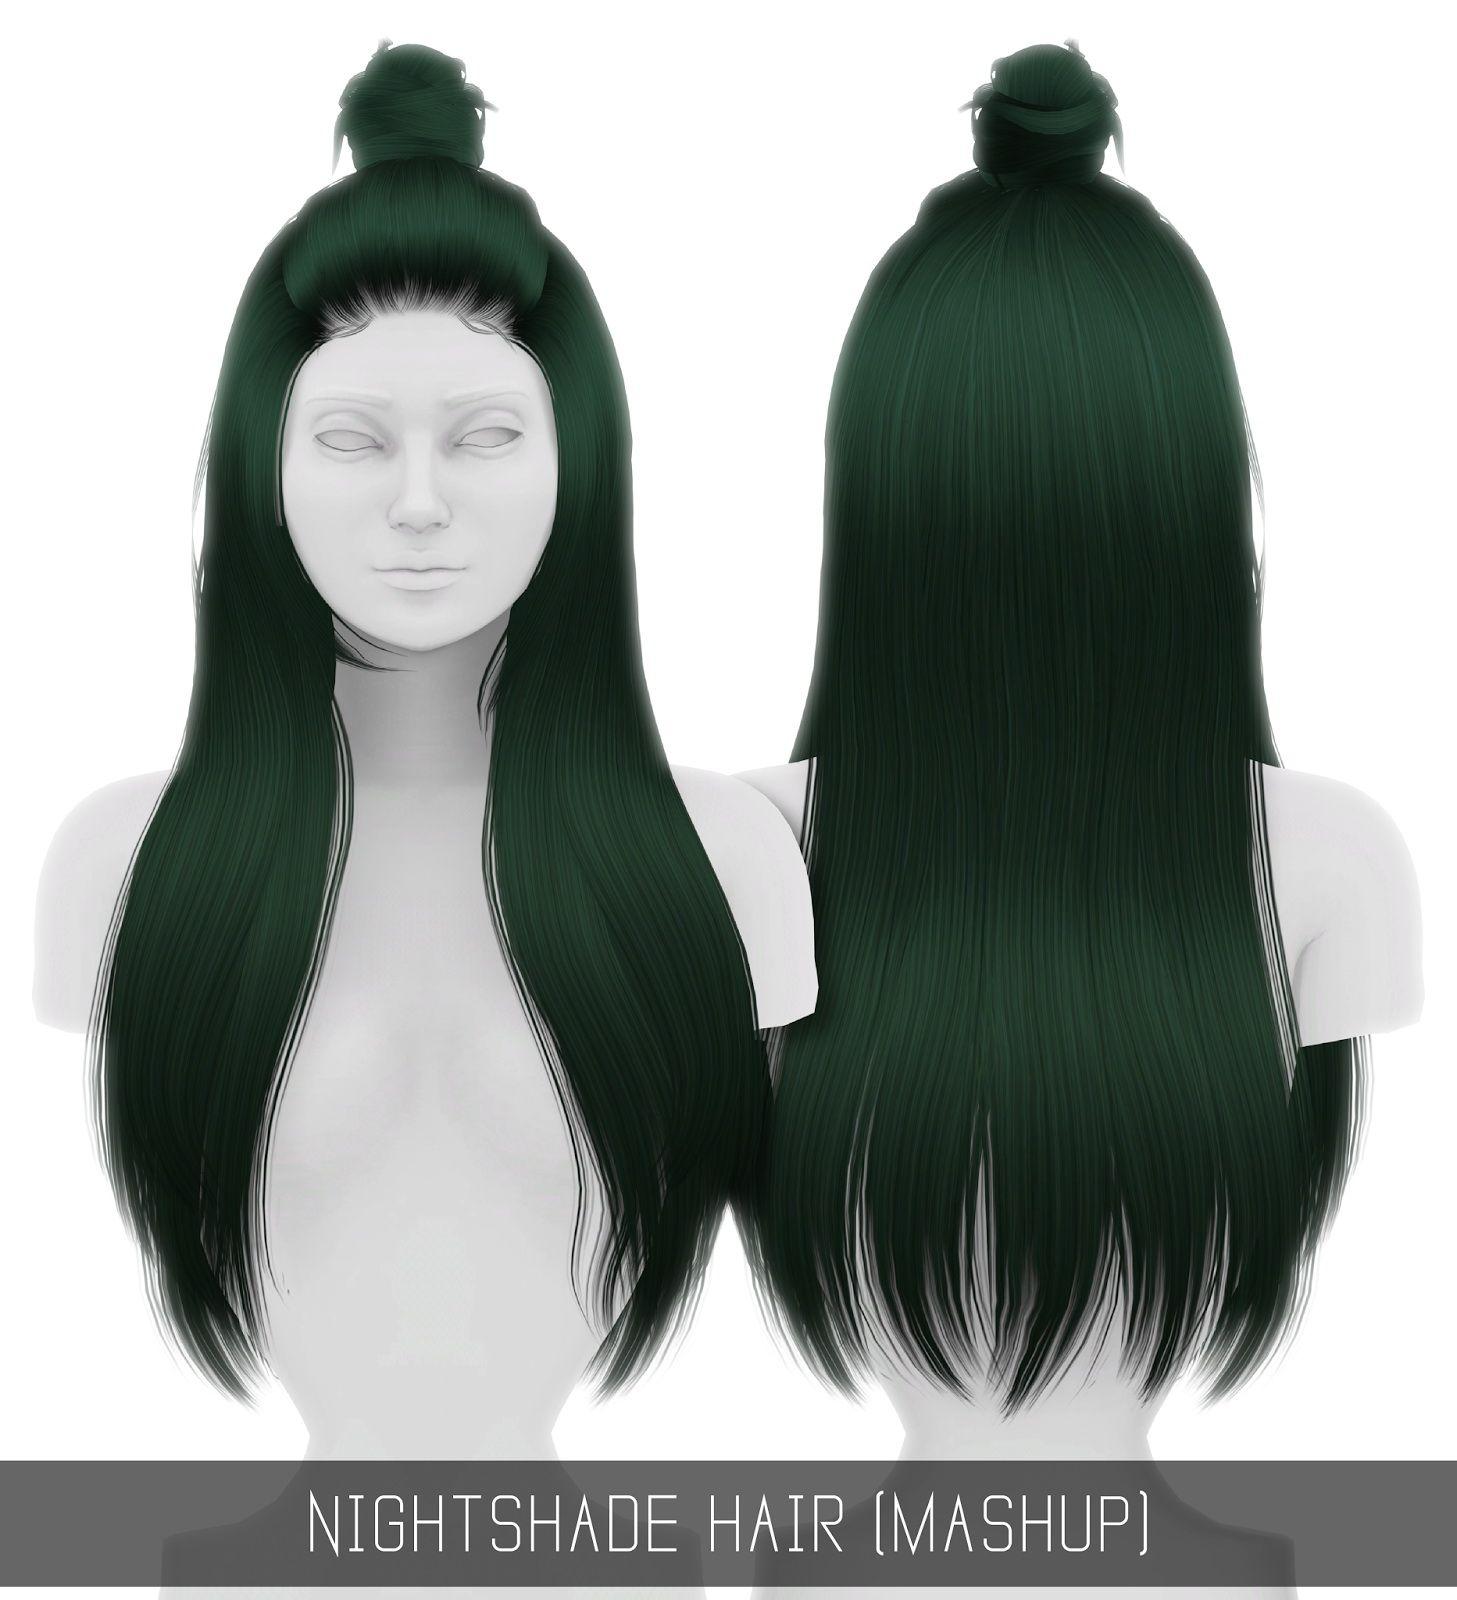 Simpliciaty Nightshade hair retextured